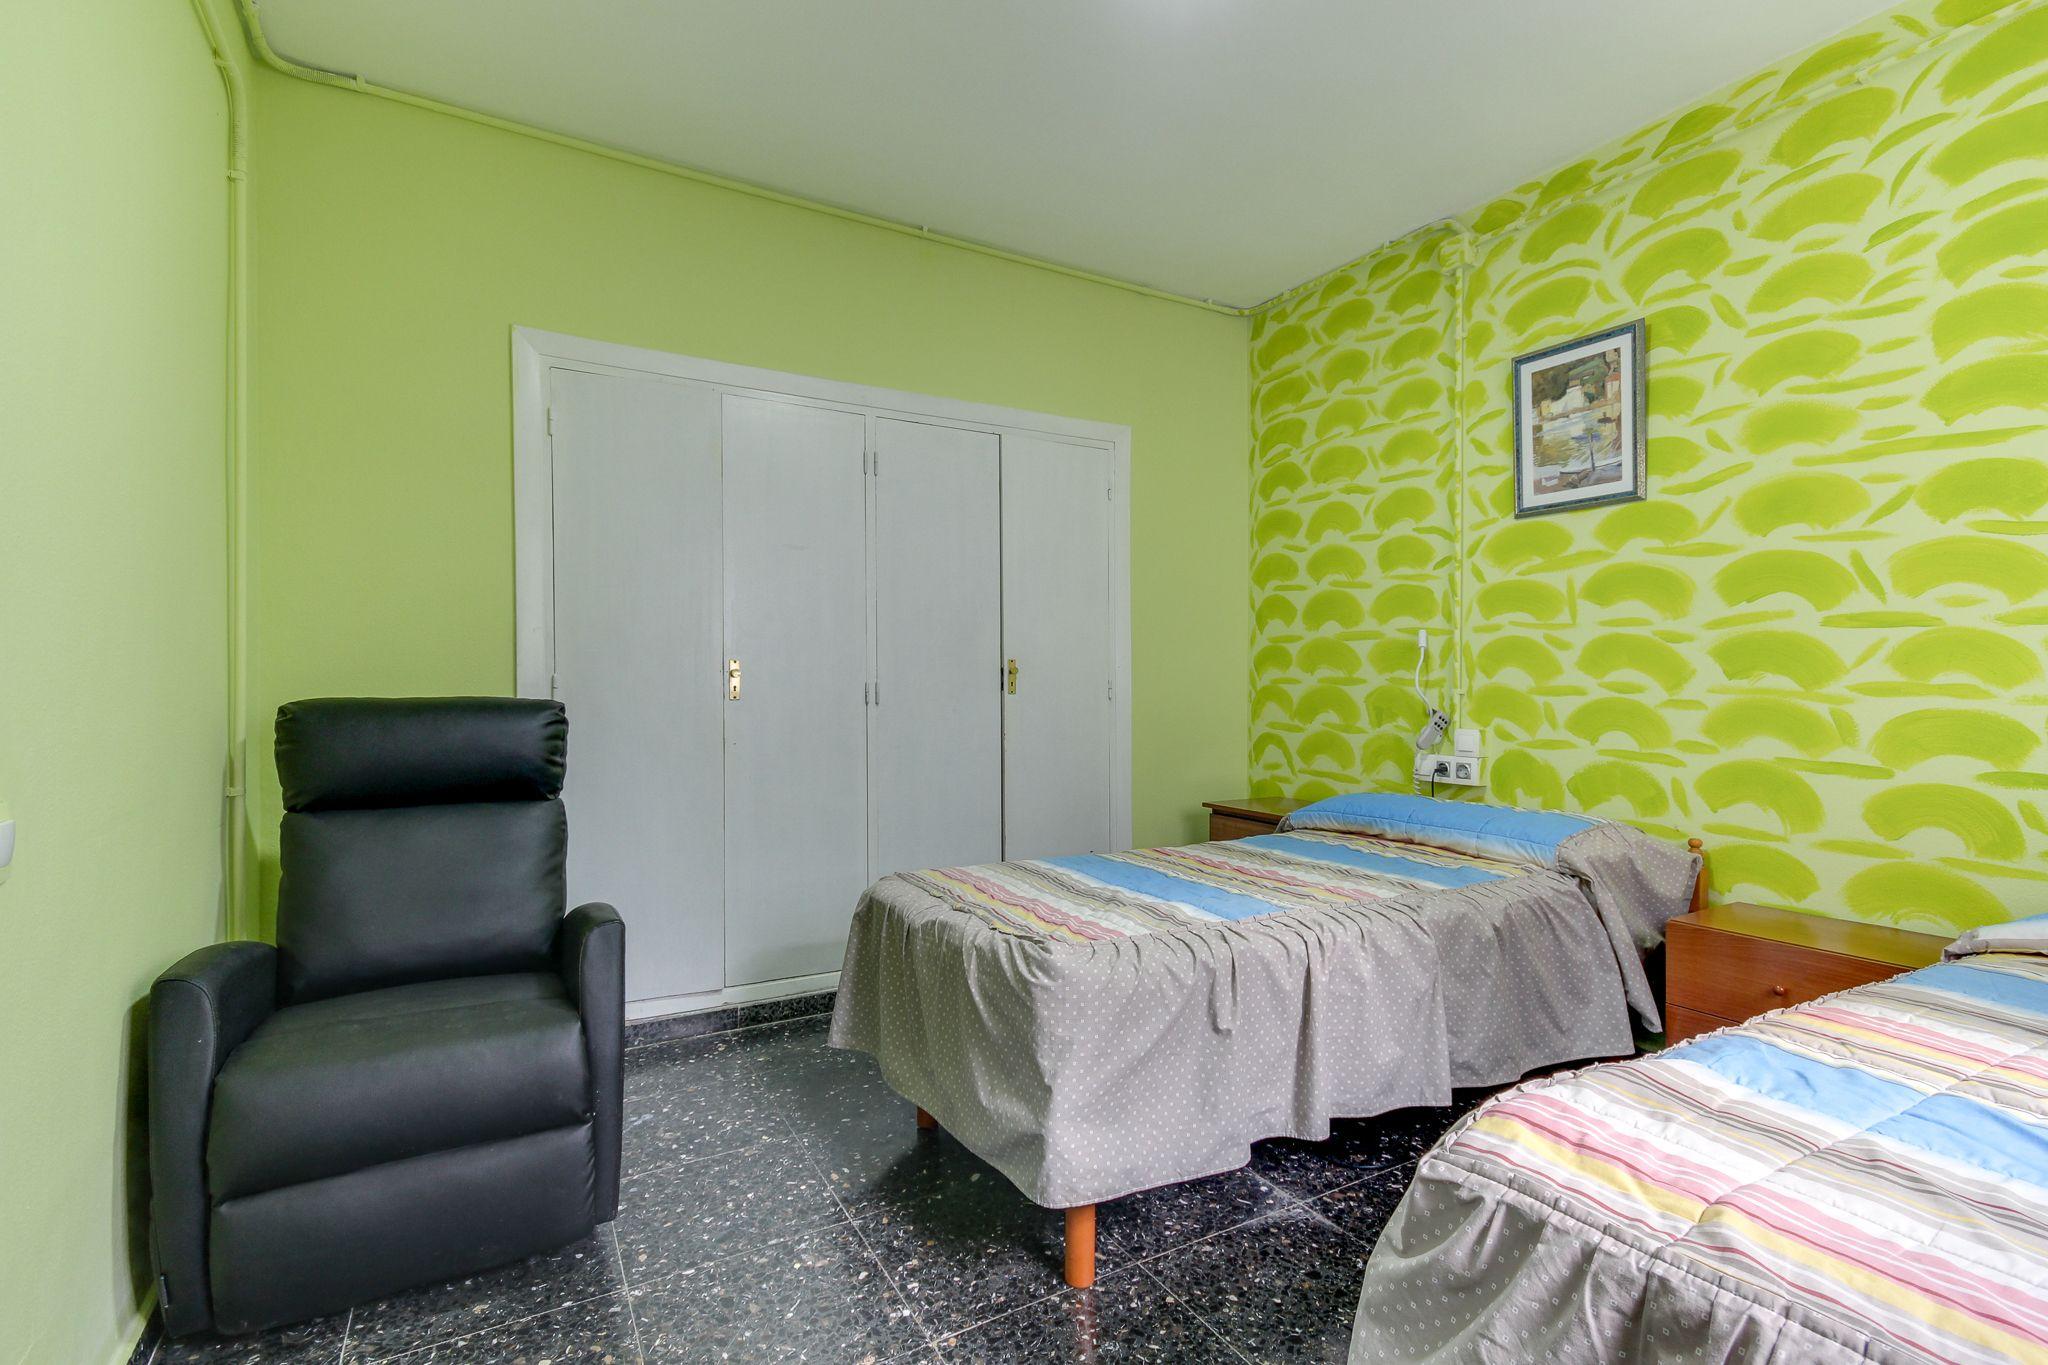 Habitación tonos verdes